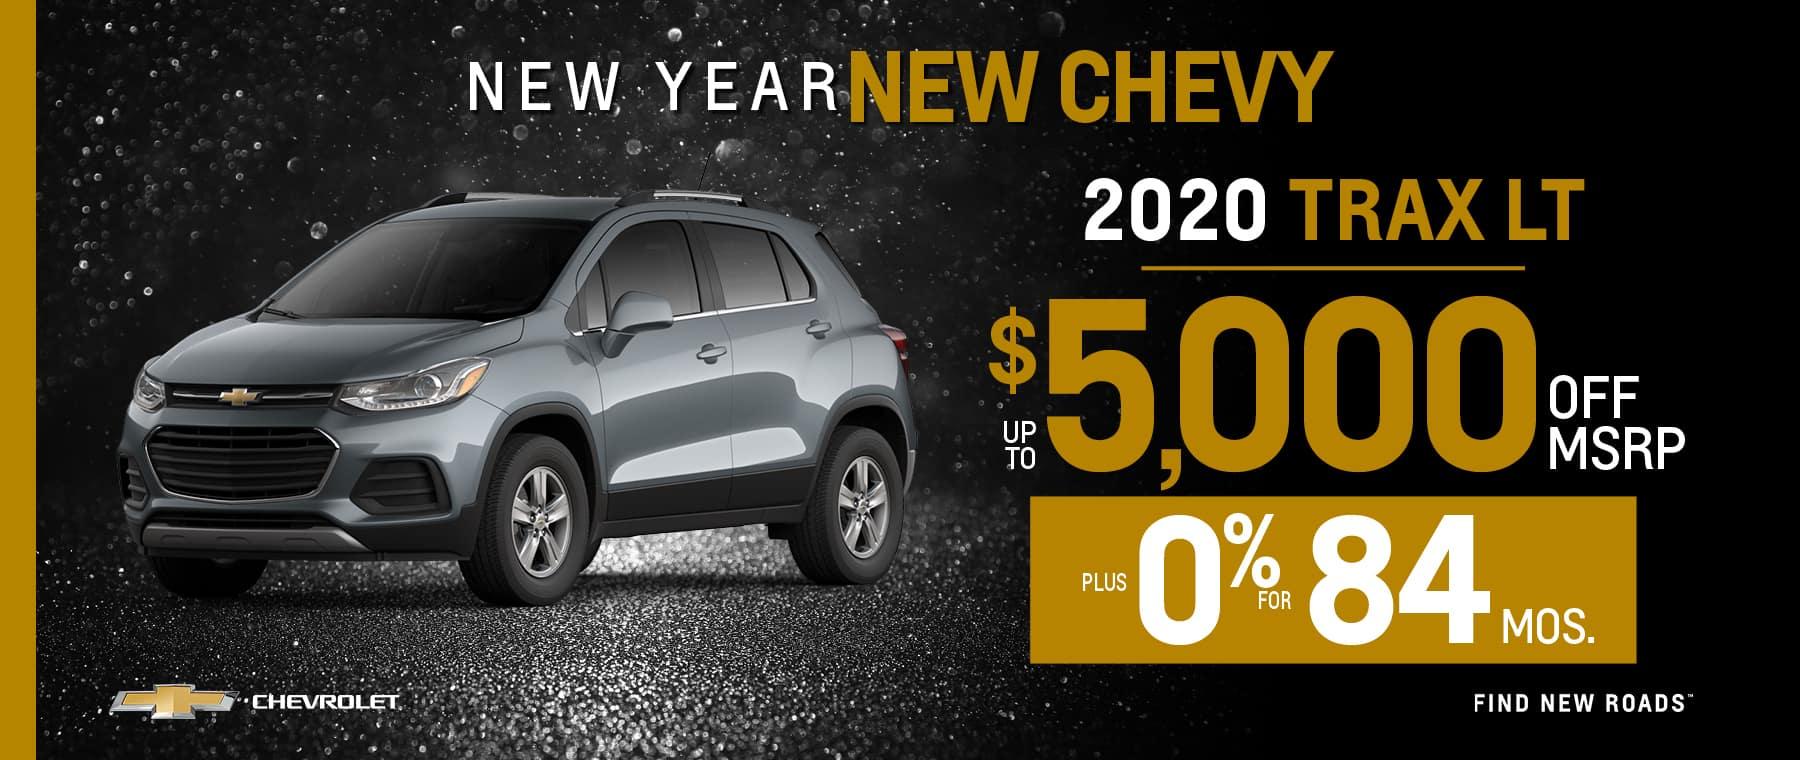 54507-WB-COWC New Year New Chevy 1800x760_v24